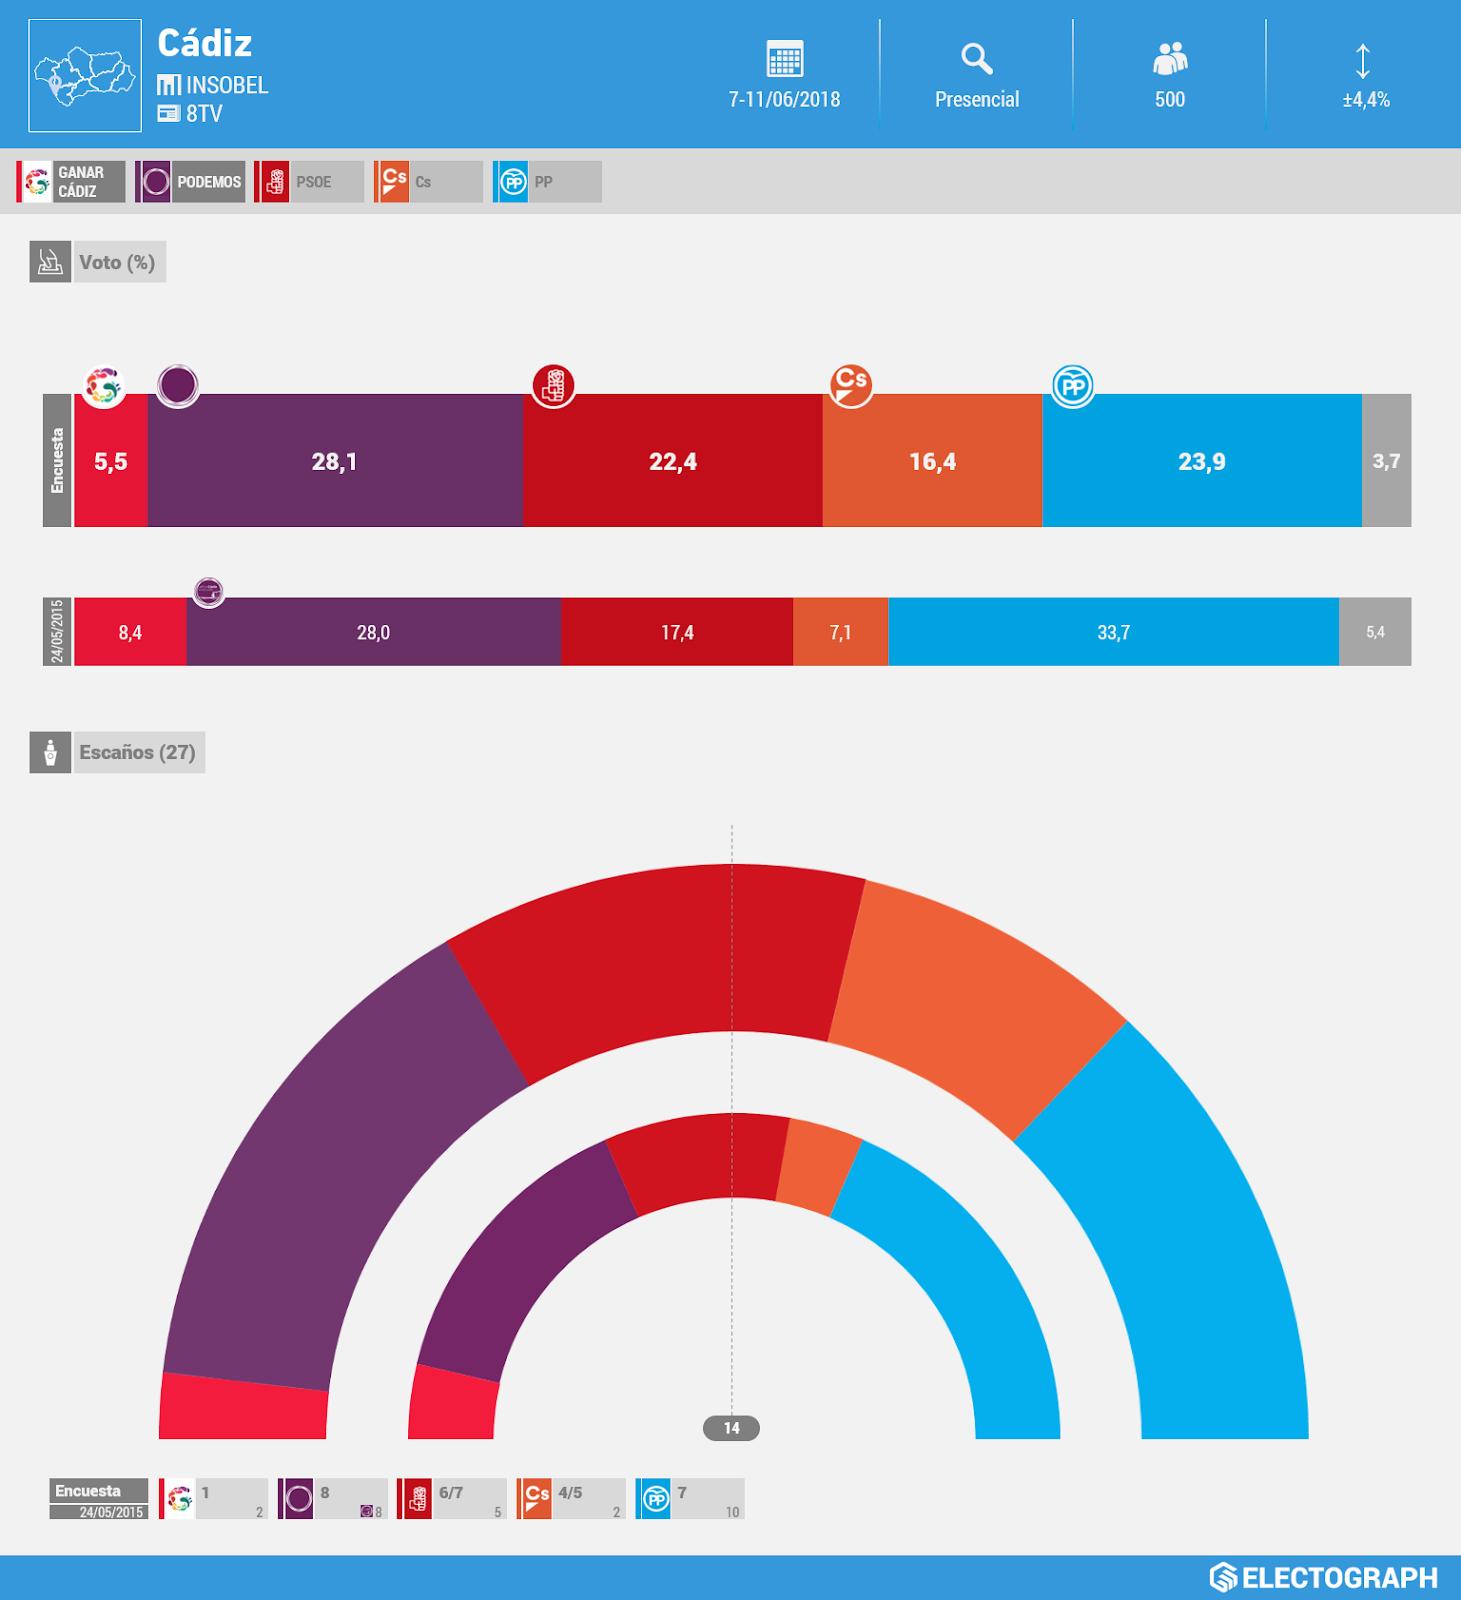 Gráfico de la encuesta para elecciones municipales en Cádiz realizada por Insobel para 8TV en junio de 2018